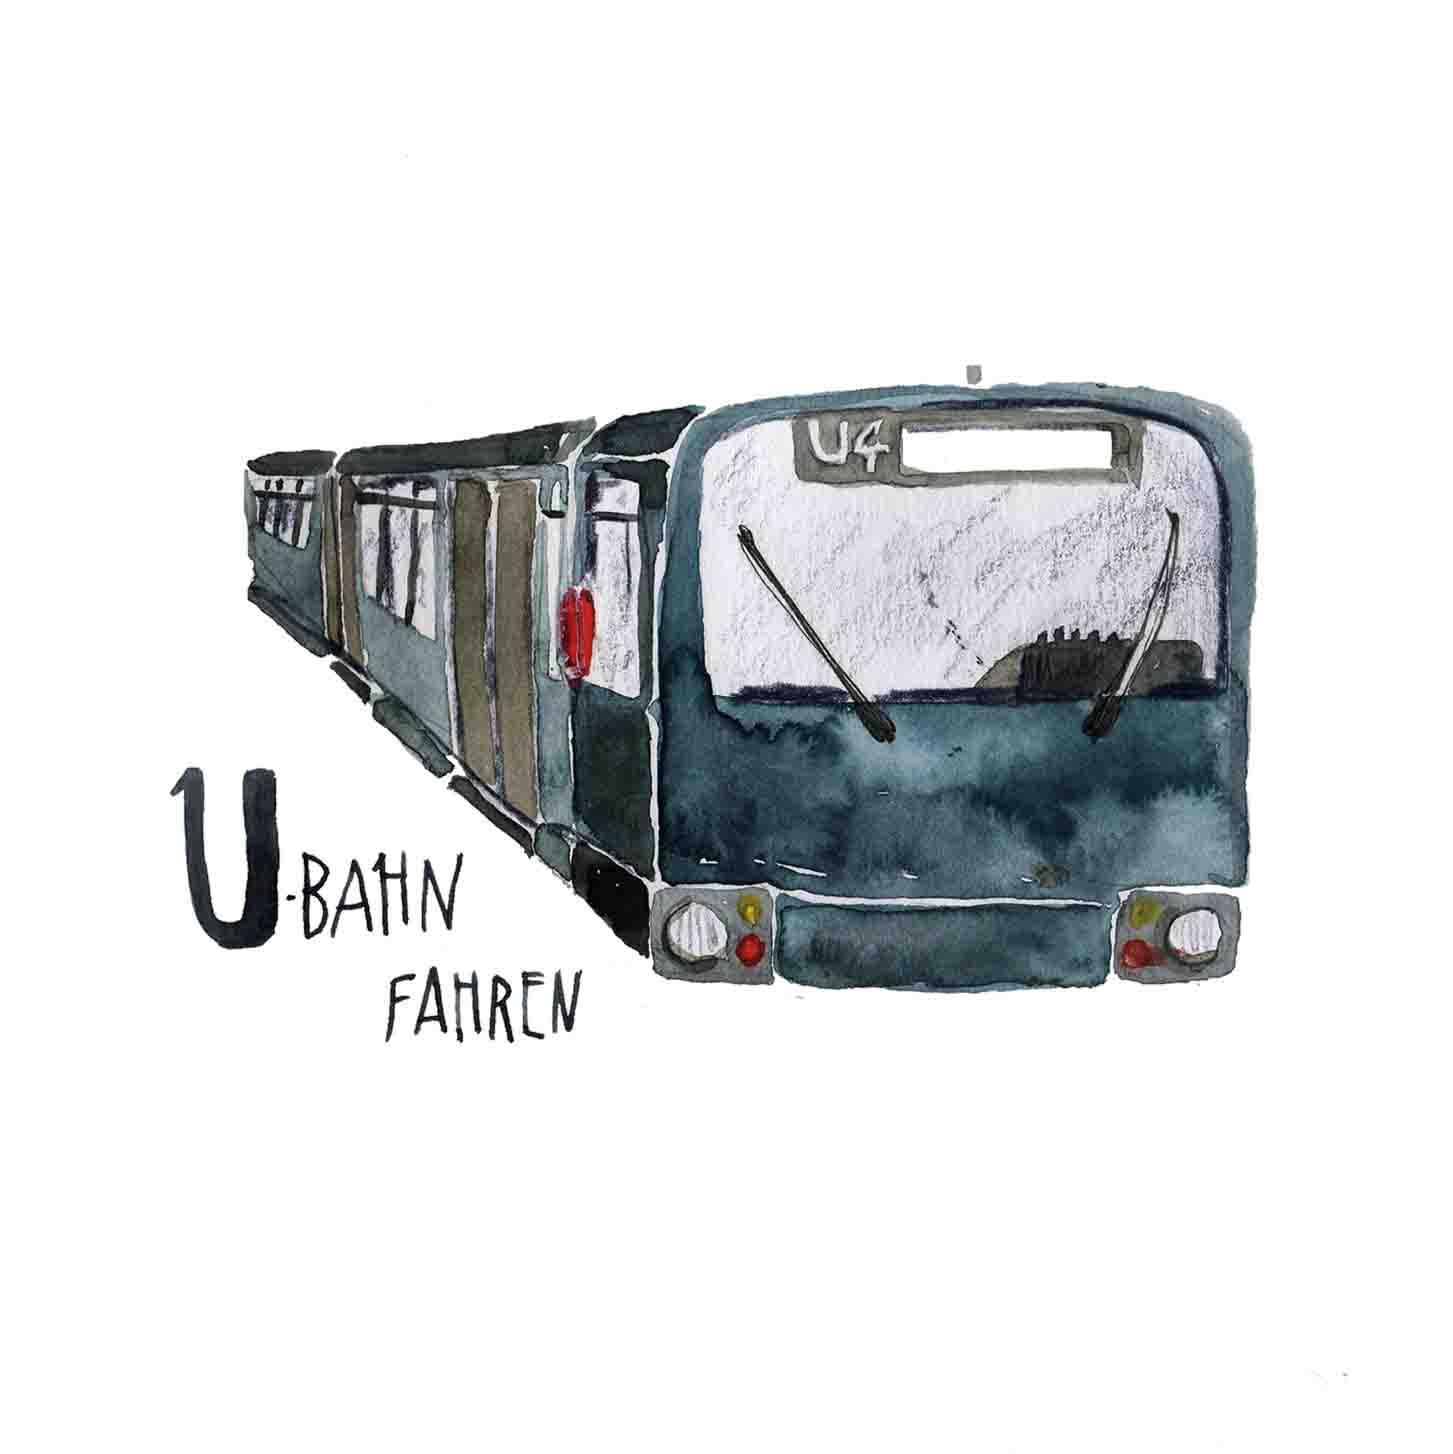 U U-Bahn fahren